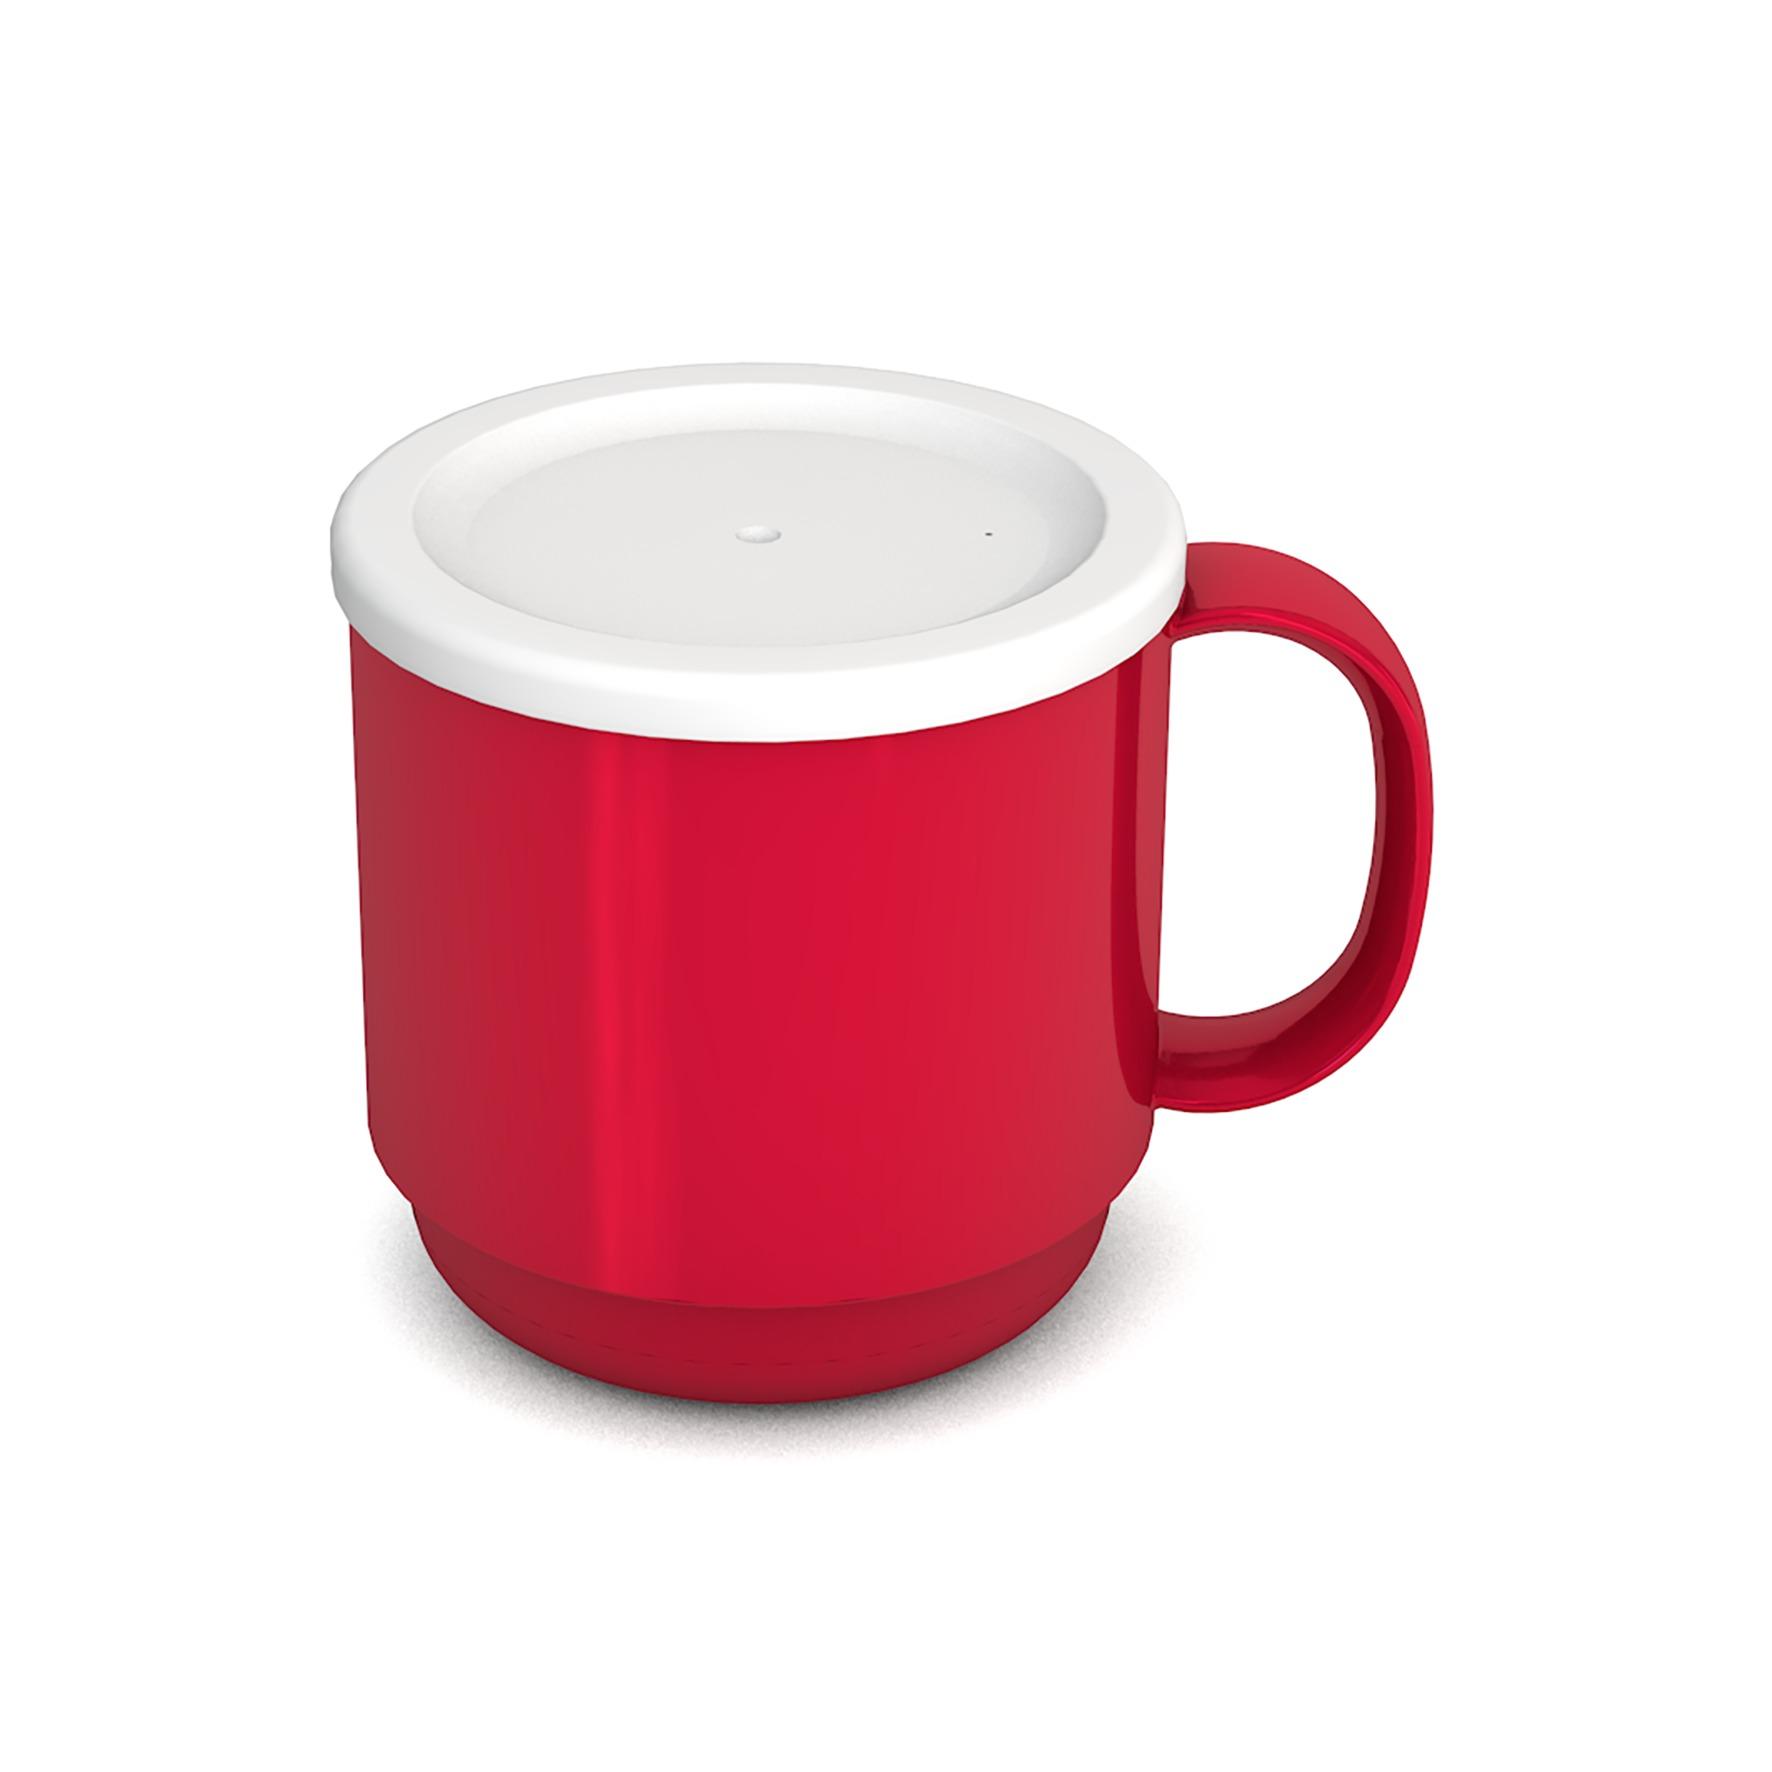 Small Mug with lid